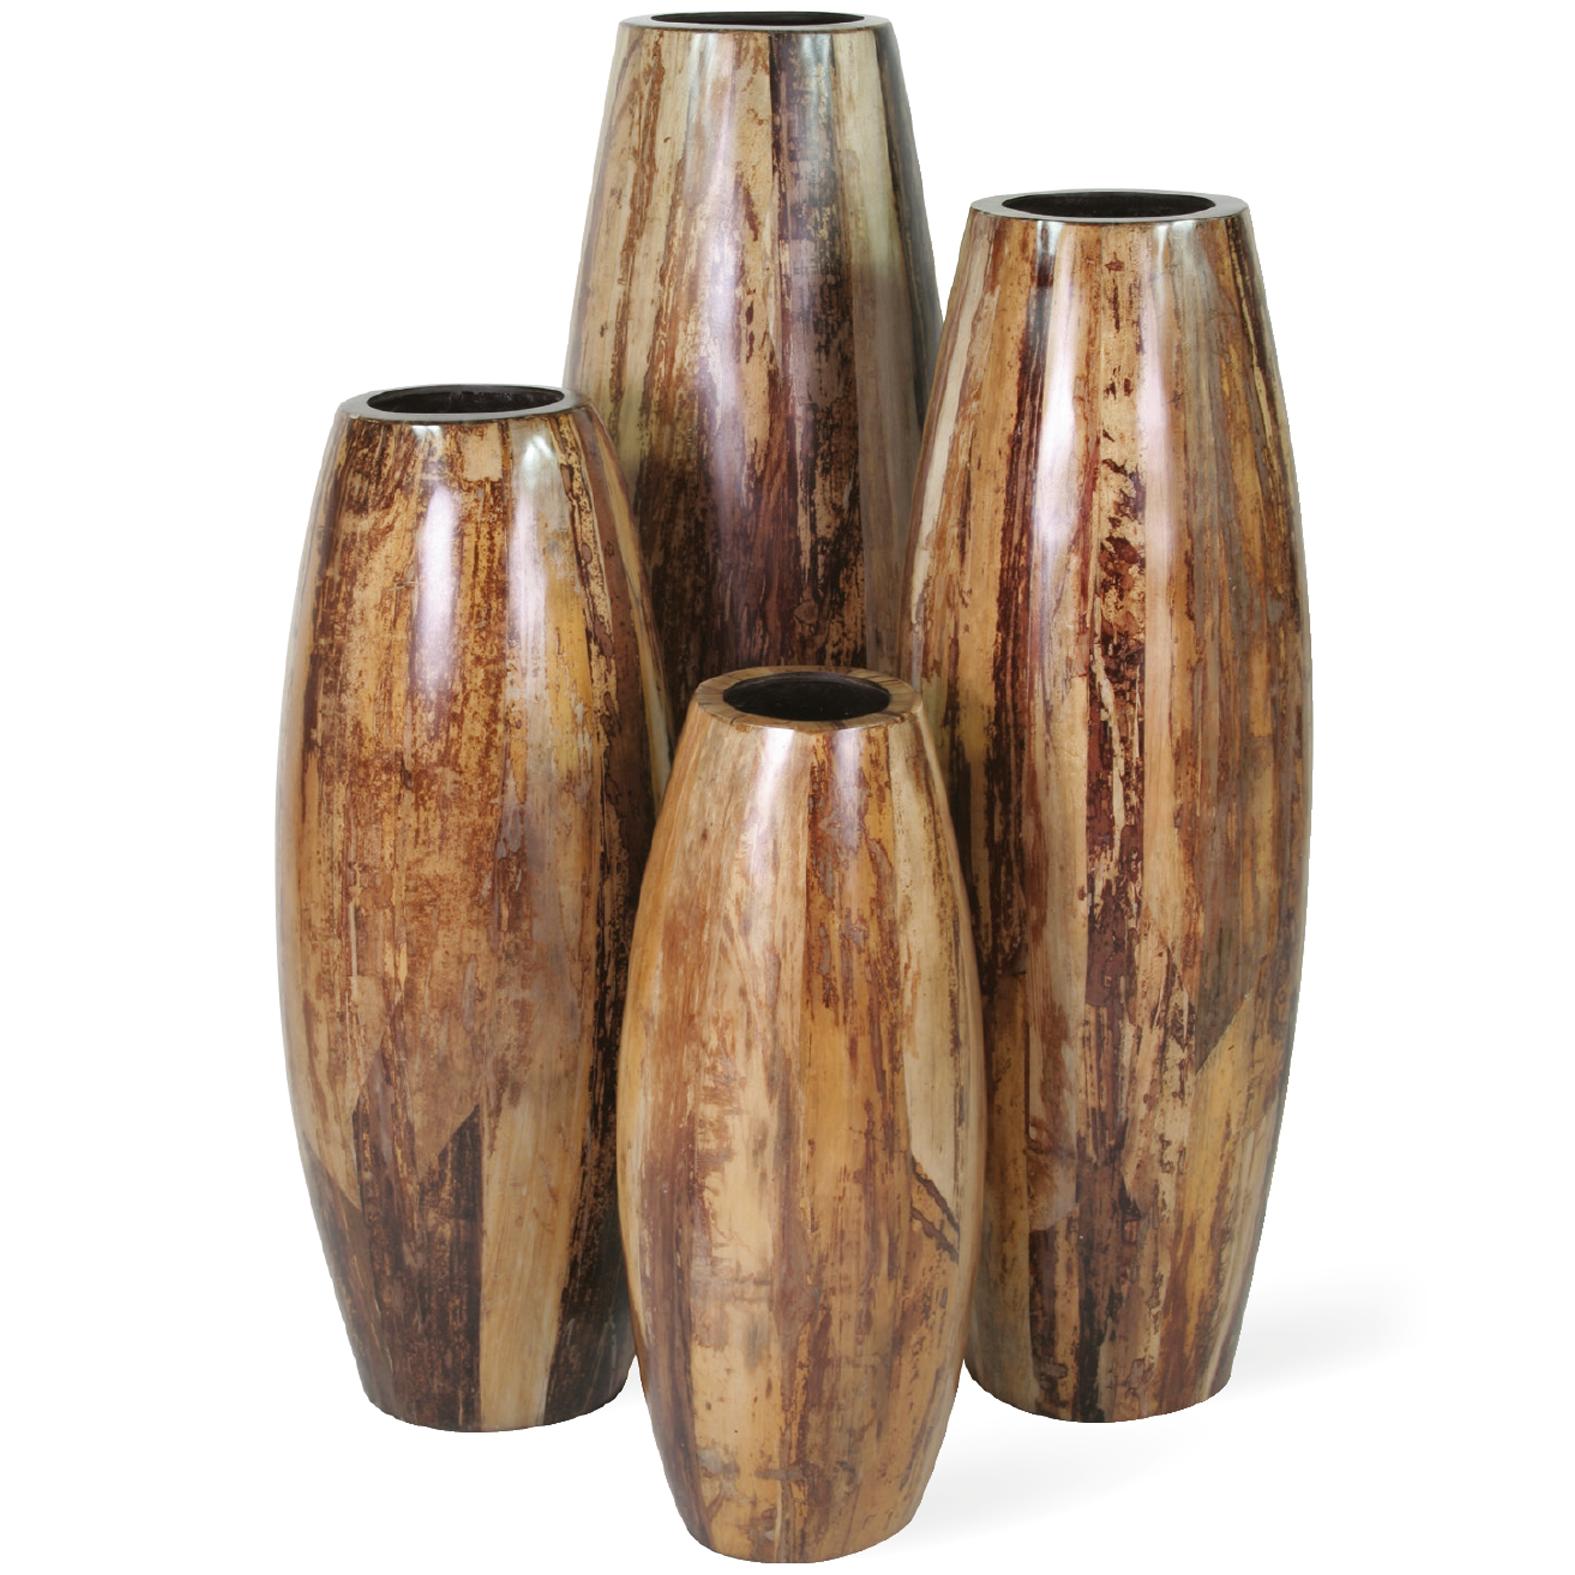 elcano vase dekohaus innenbegr nung und aussenbegr nung mit exklusiven kunstpflanzen. Black Bedroom Furniture Sets. Home Design Ideas